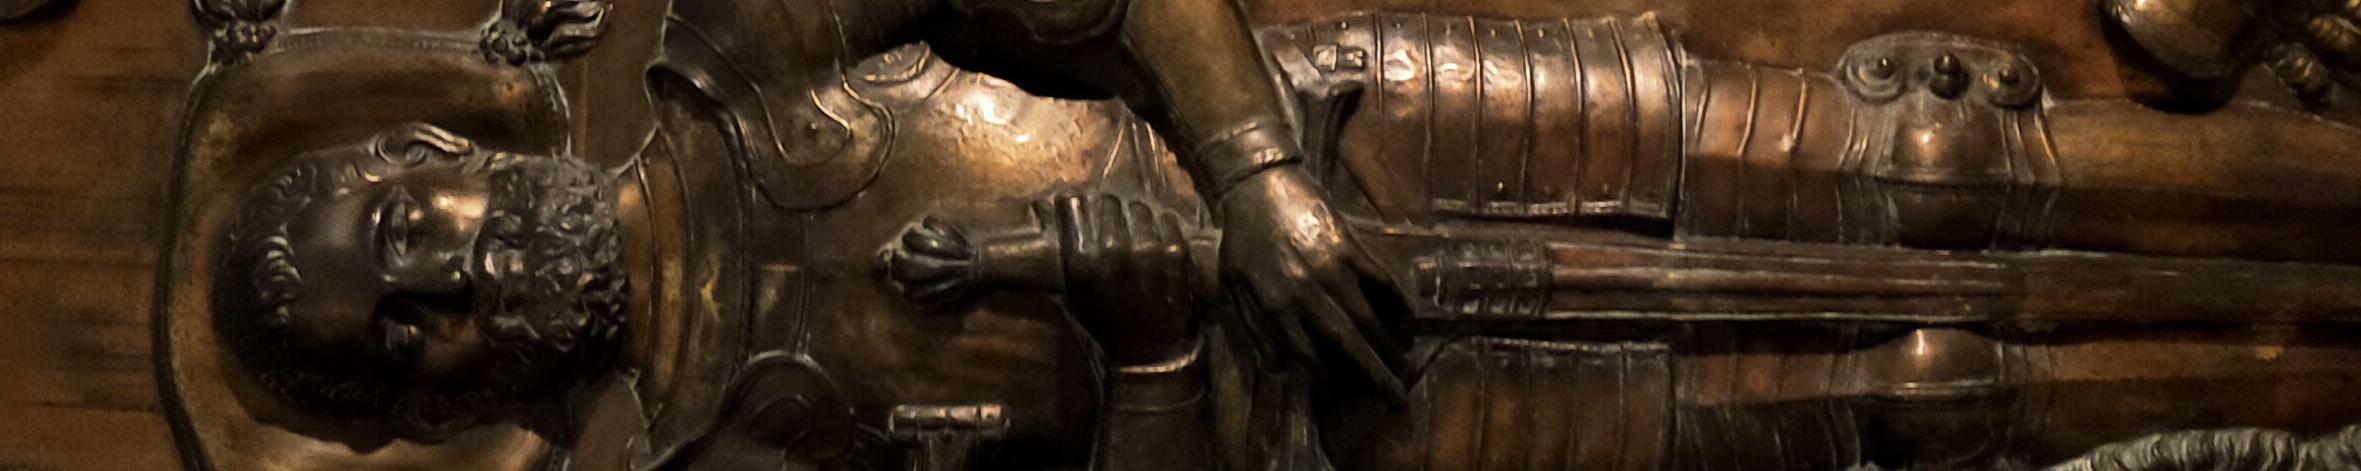 Nuestro patrimonio: Lauda sepulcral de Pedro de Bolivar